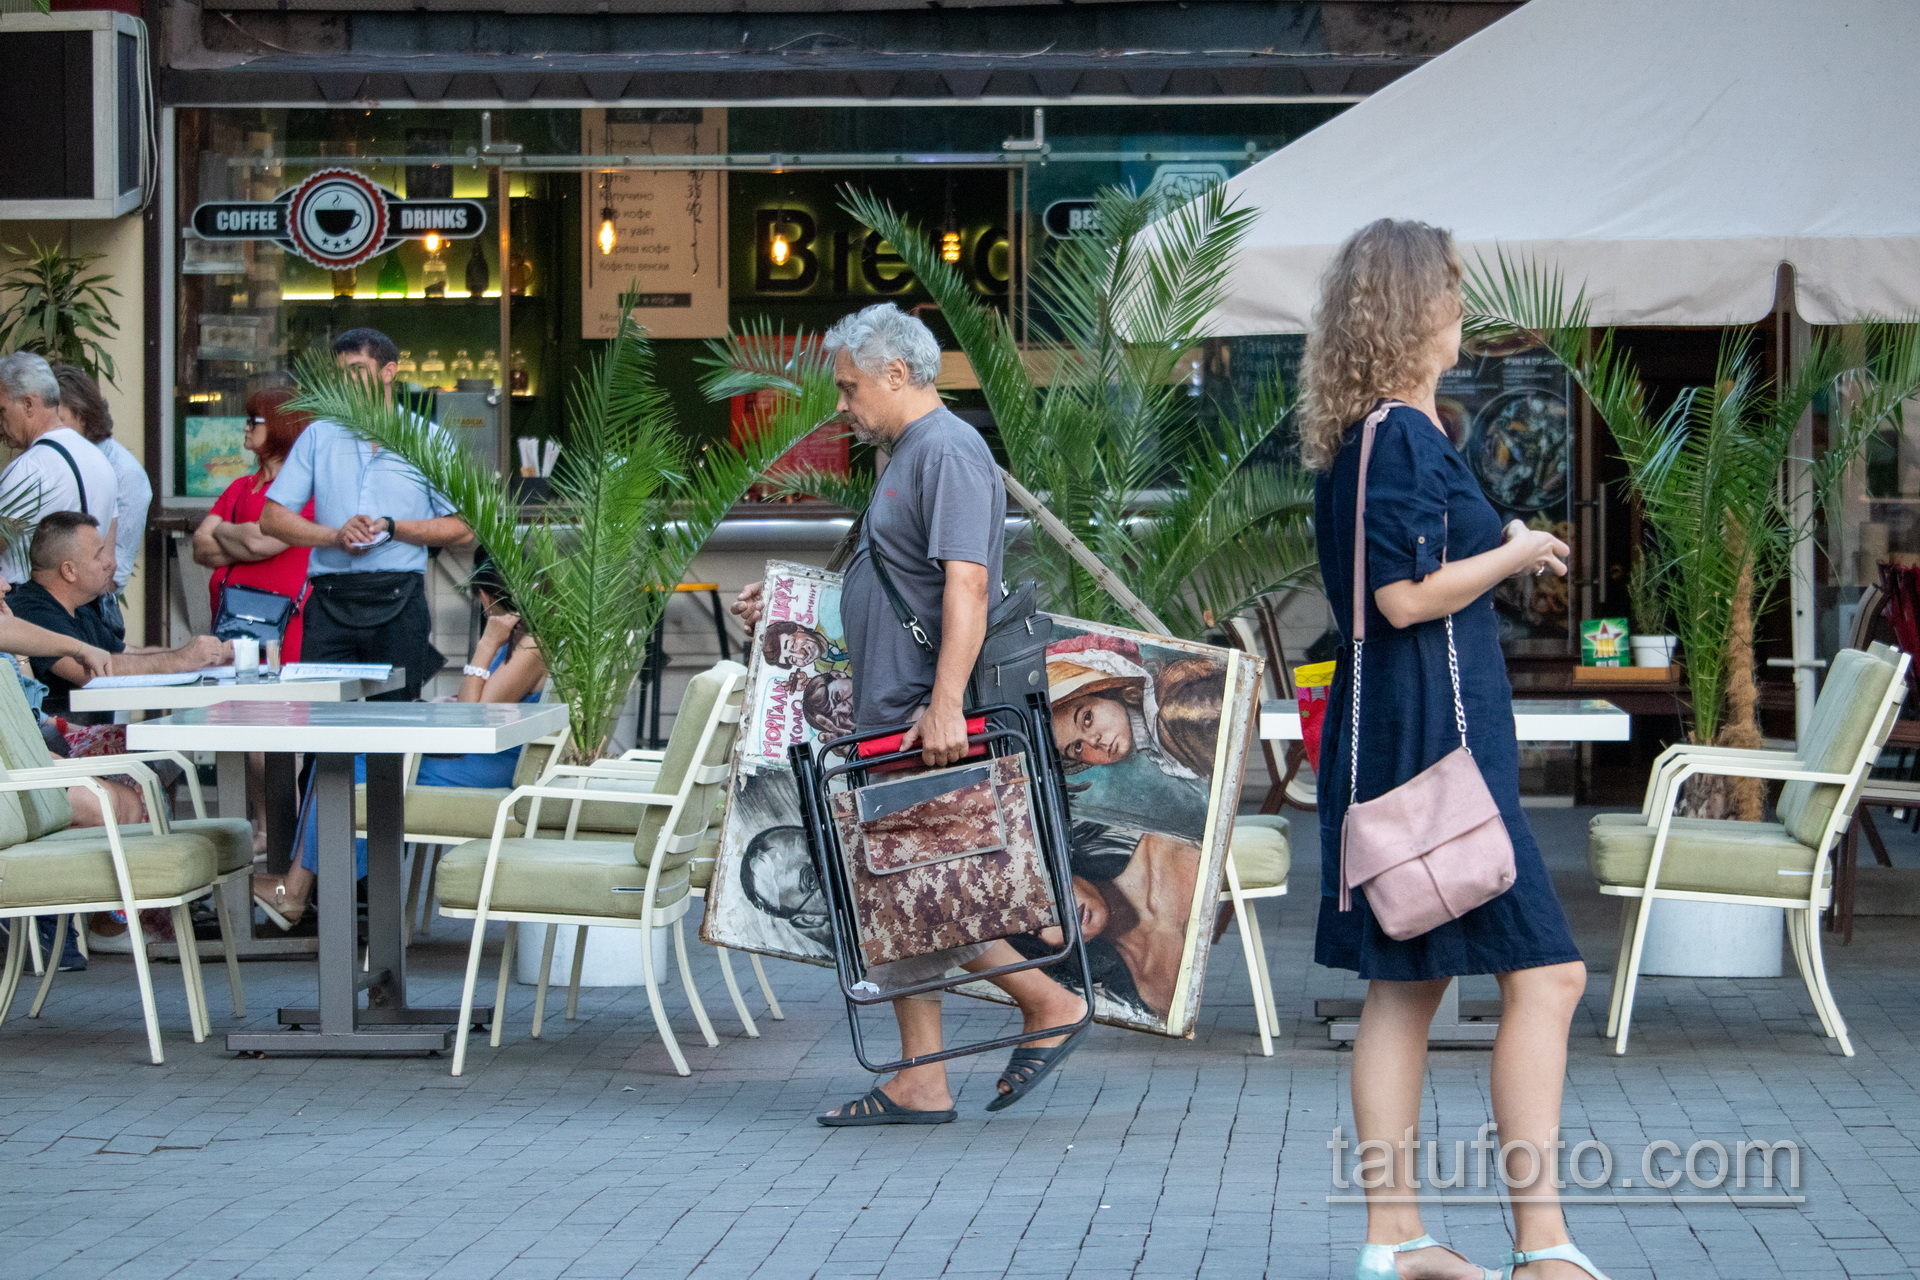 Фото уличного художника который несет картины и стул – Уличная татуировка 14.09.2020 – tatufoto.com 3